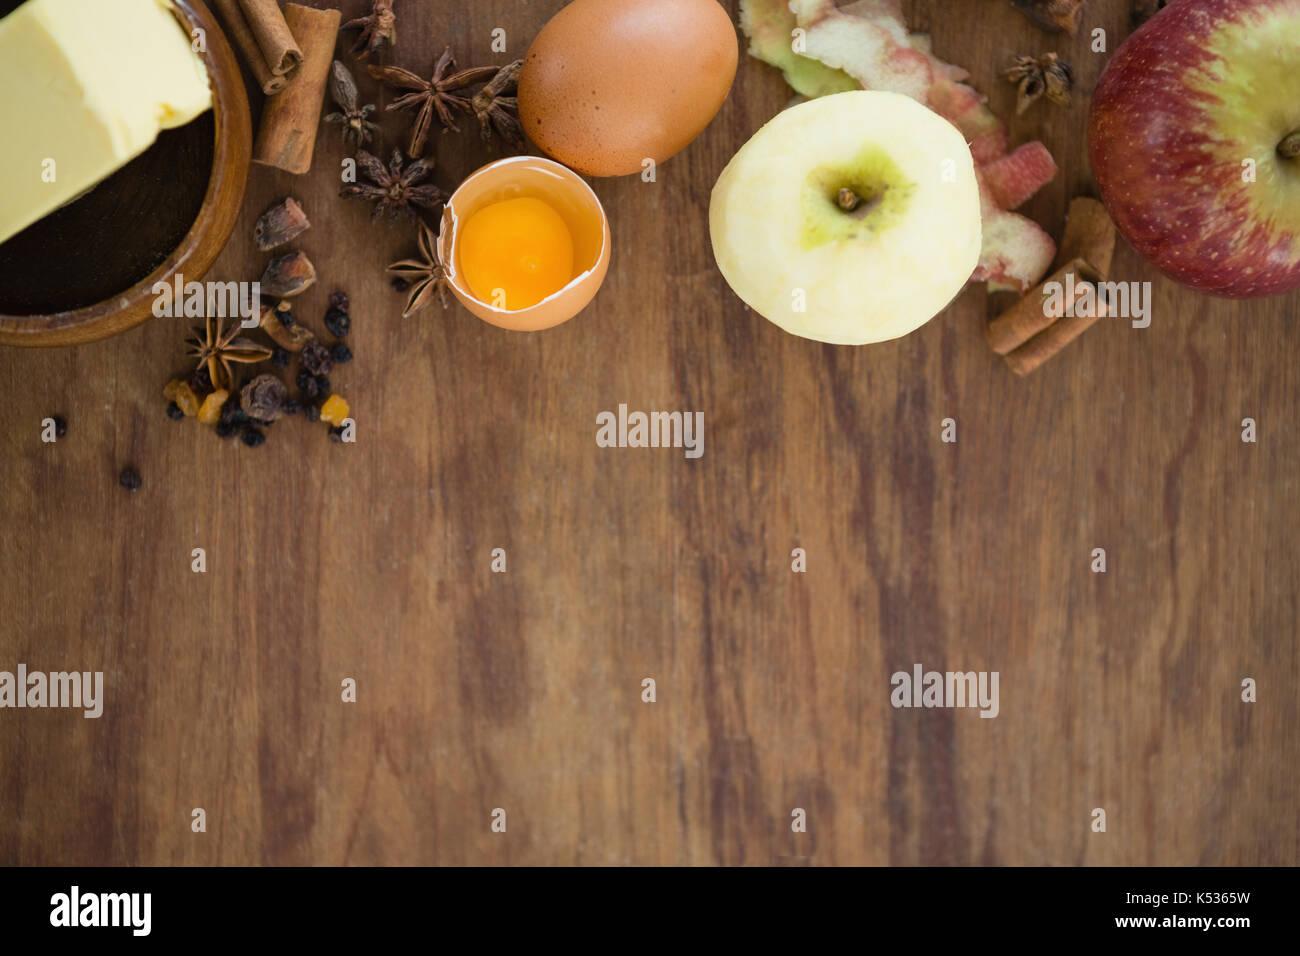 Tourné directement au-dessus d'apple avec l'oeuf et les épices sur table en bois Photo Stock